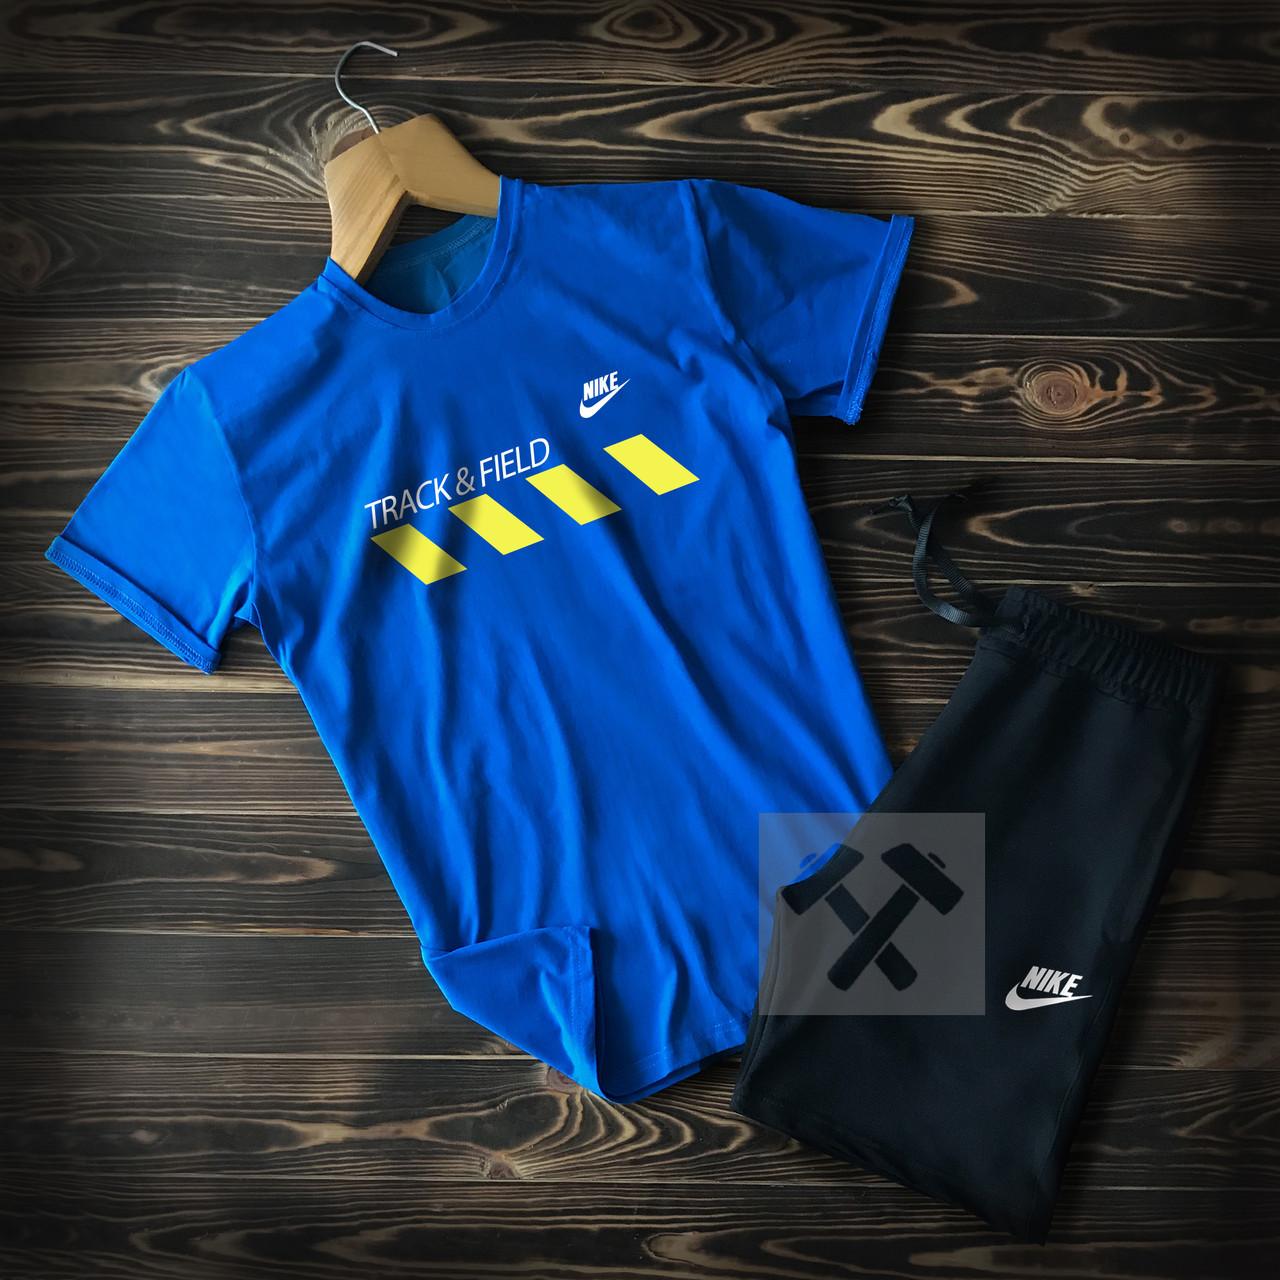 Мужской летний спортивный комплект Traсk & Field голубой топ-реплика